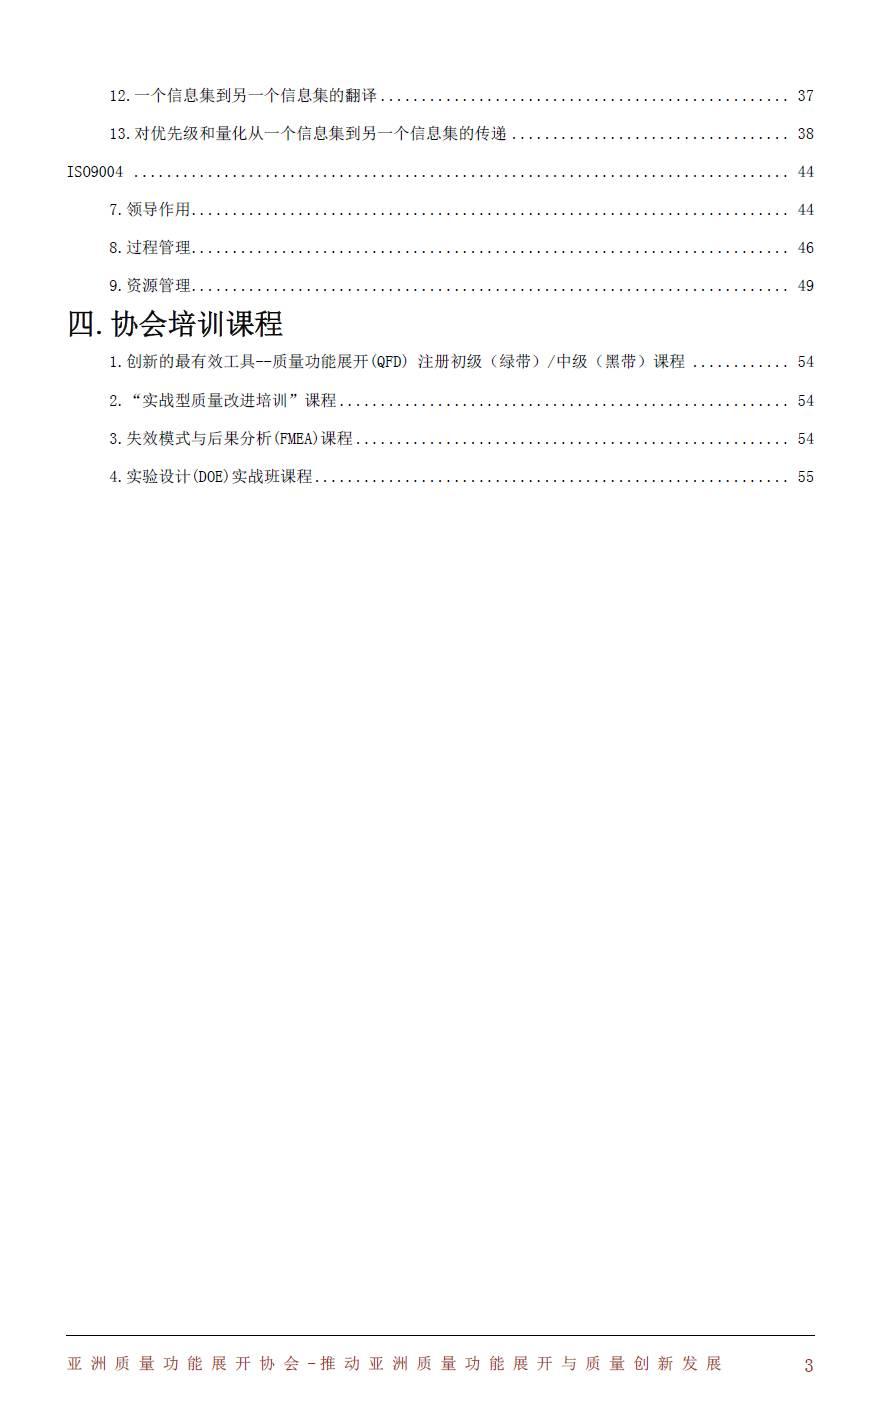 目录2.jpg